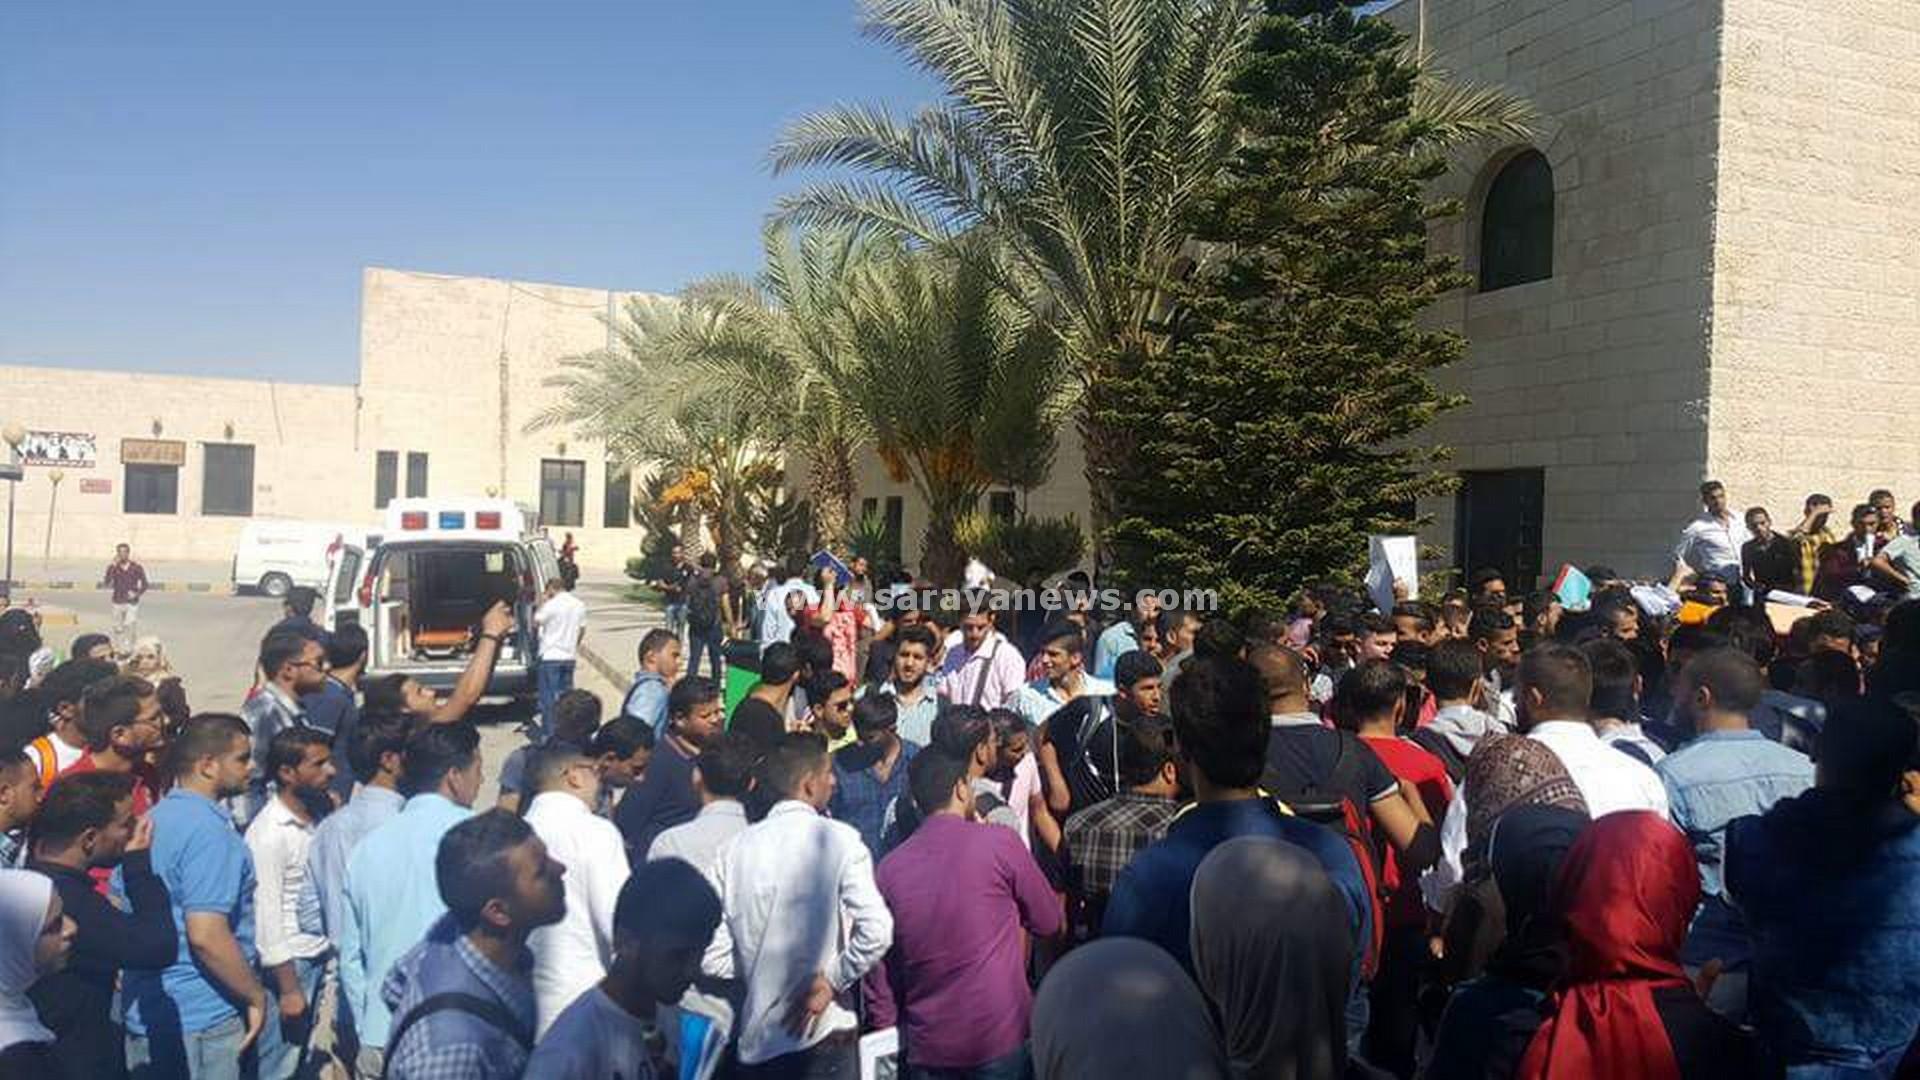 """بالصور .. طلبة """"الهاشمية"""" يعتصمون ضد قرارات الجامعة .. و بني هاني يرد : لا تراجع عن القرار"""